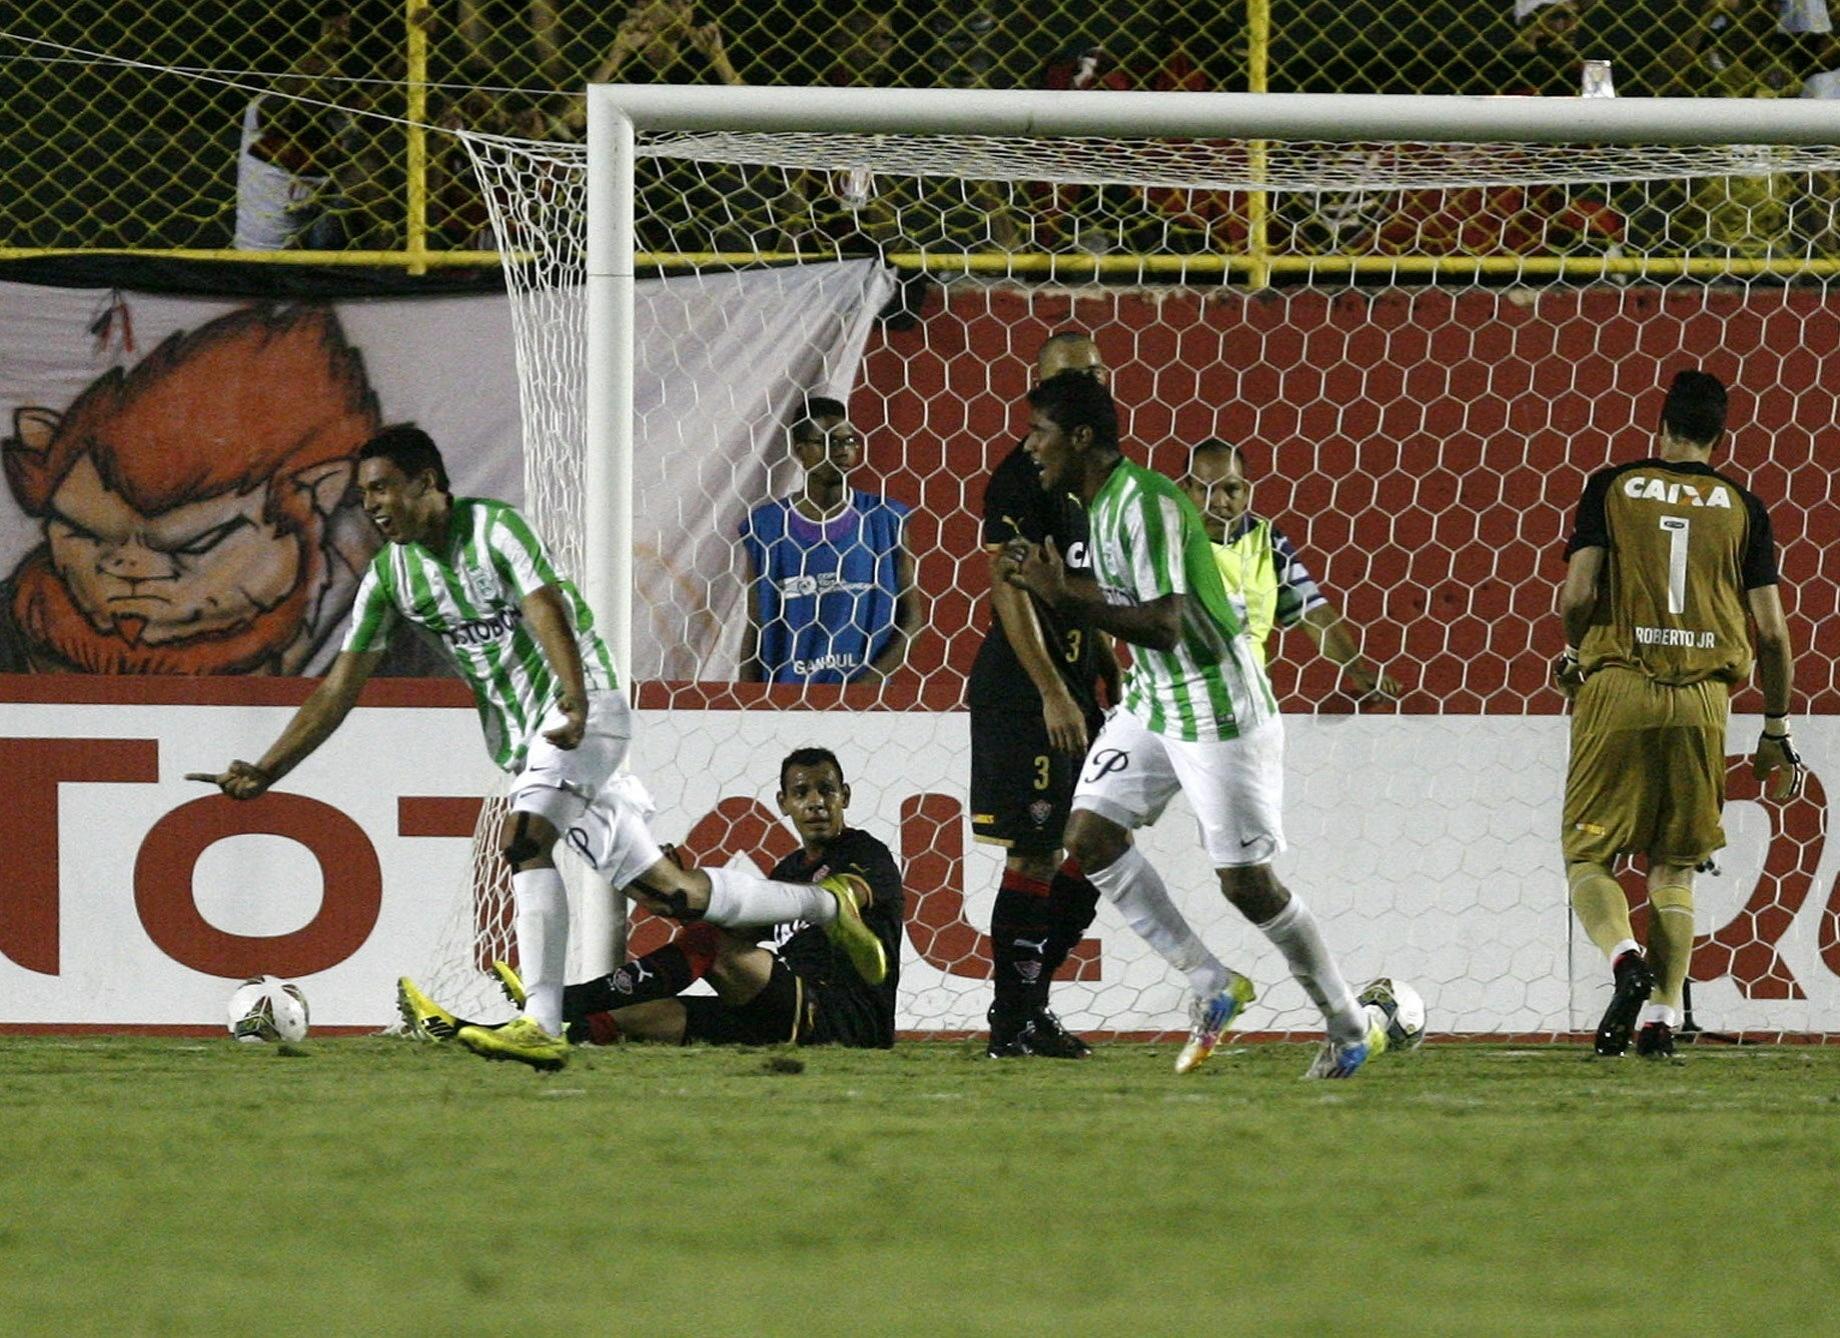 16. out. 2014 - Goleiro Fernandez, do Vitória, acaba sentado após tomar ol de Daniel Bocanegra, do Atlético Nacional, que eliminou o Vitória da Copa Sul-Americana